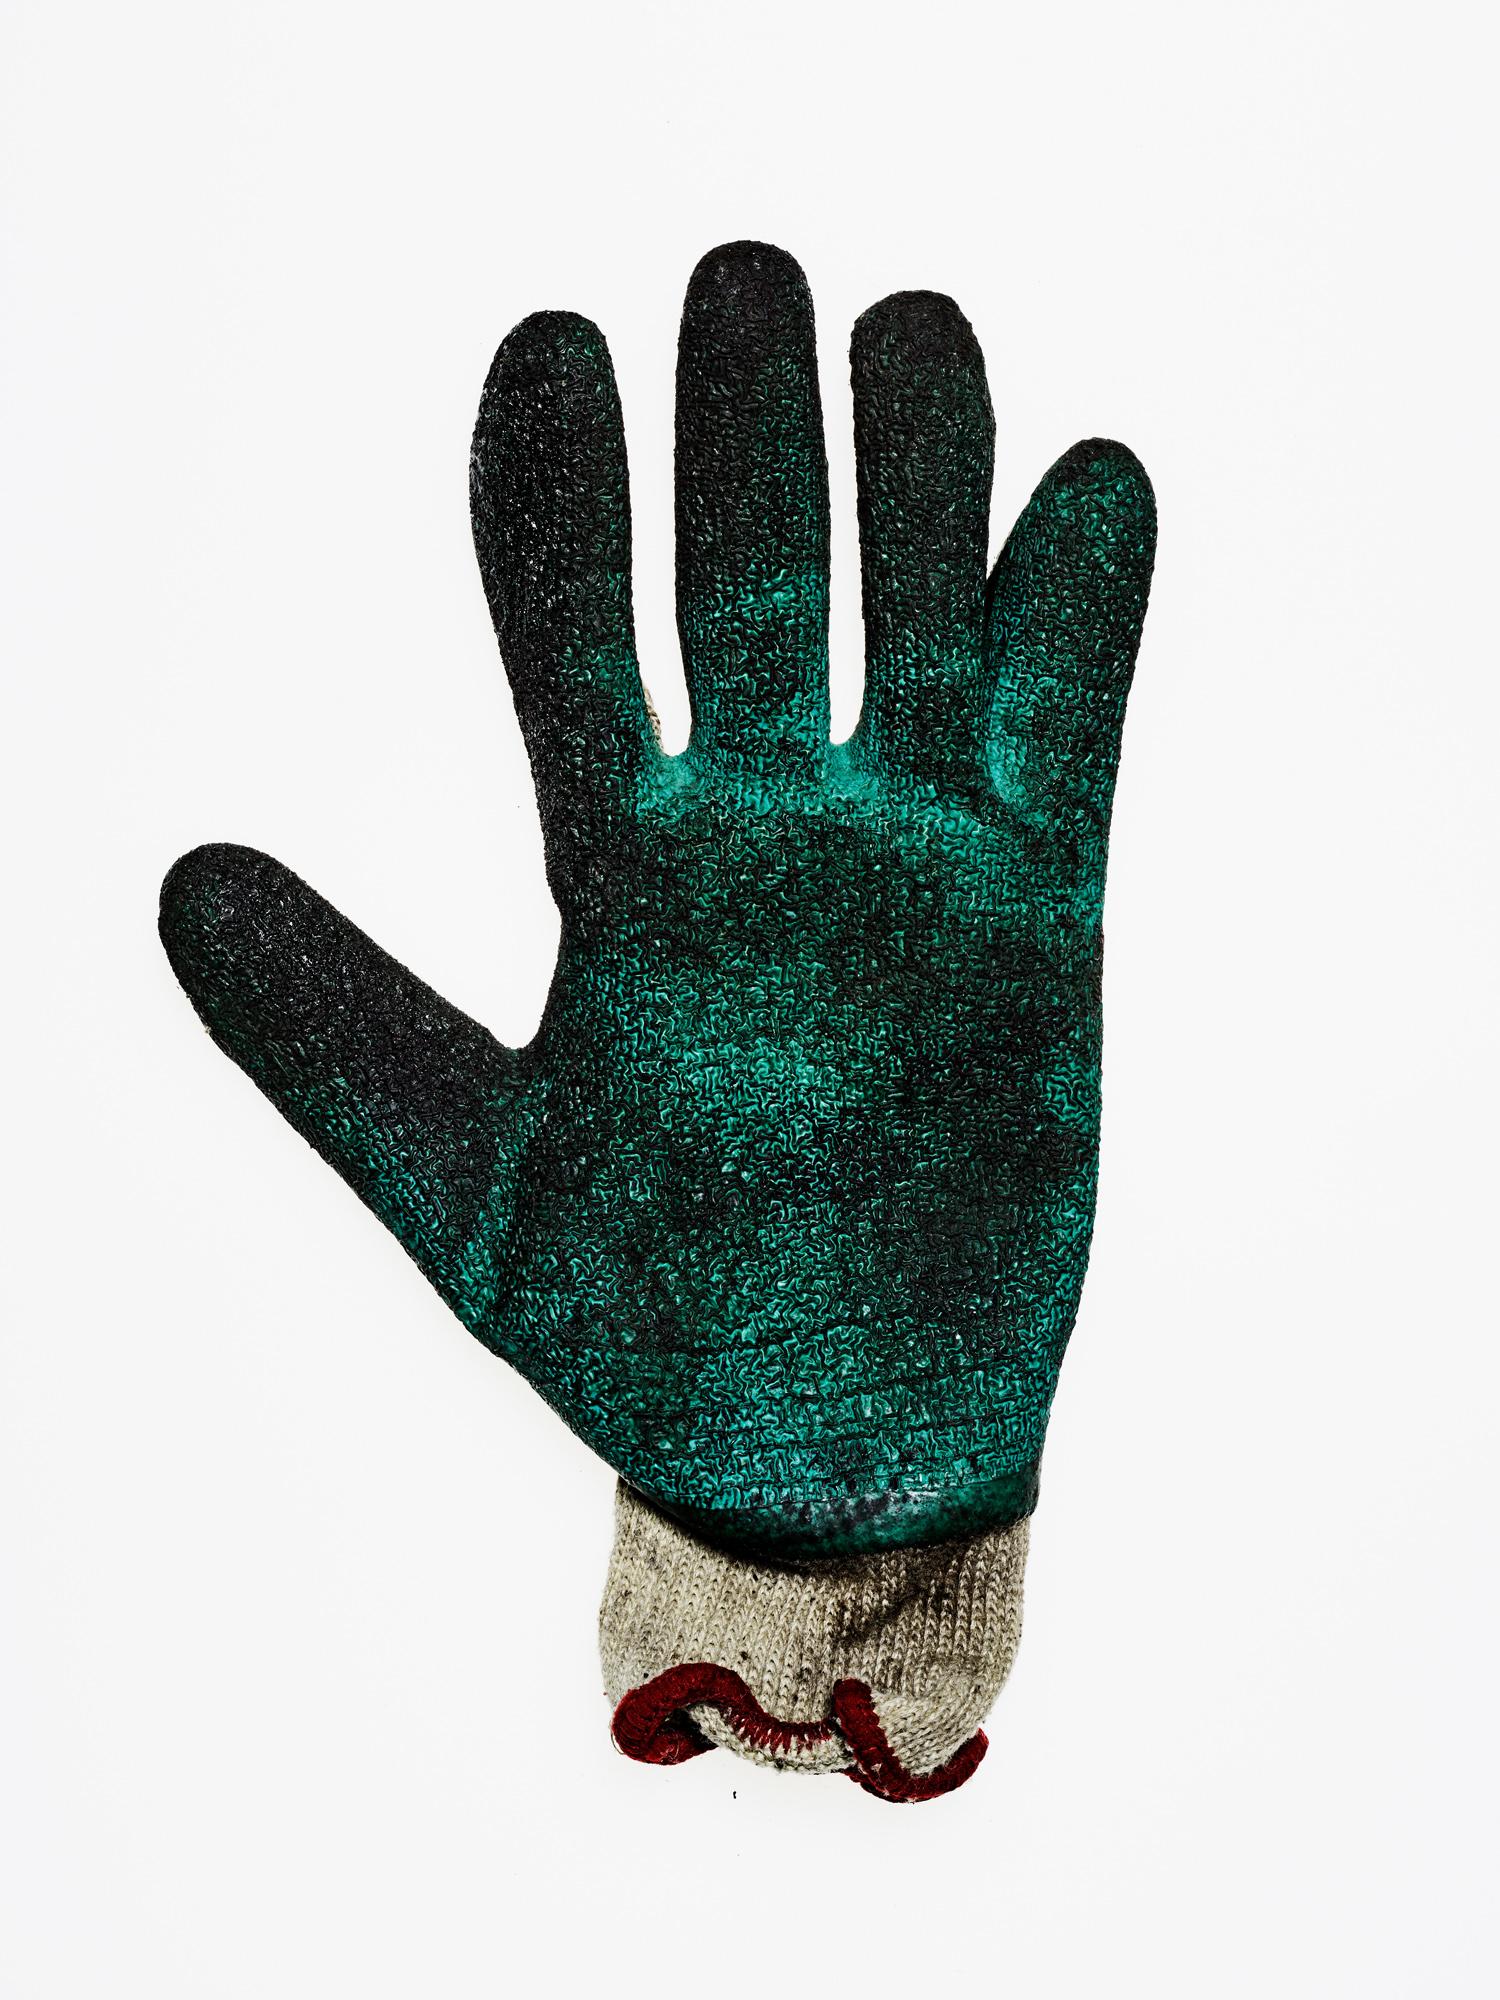 20161020 Found Gloves-90593 1.jpg